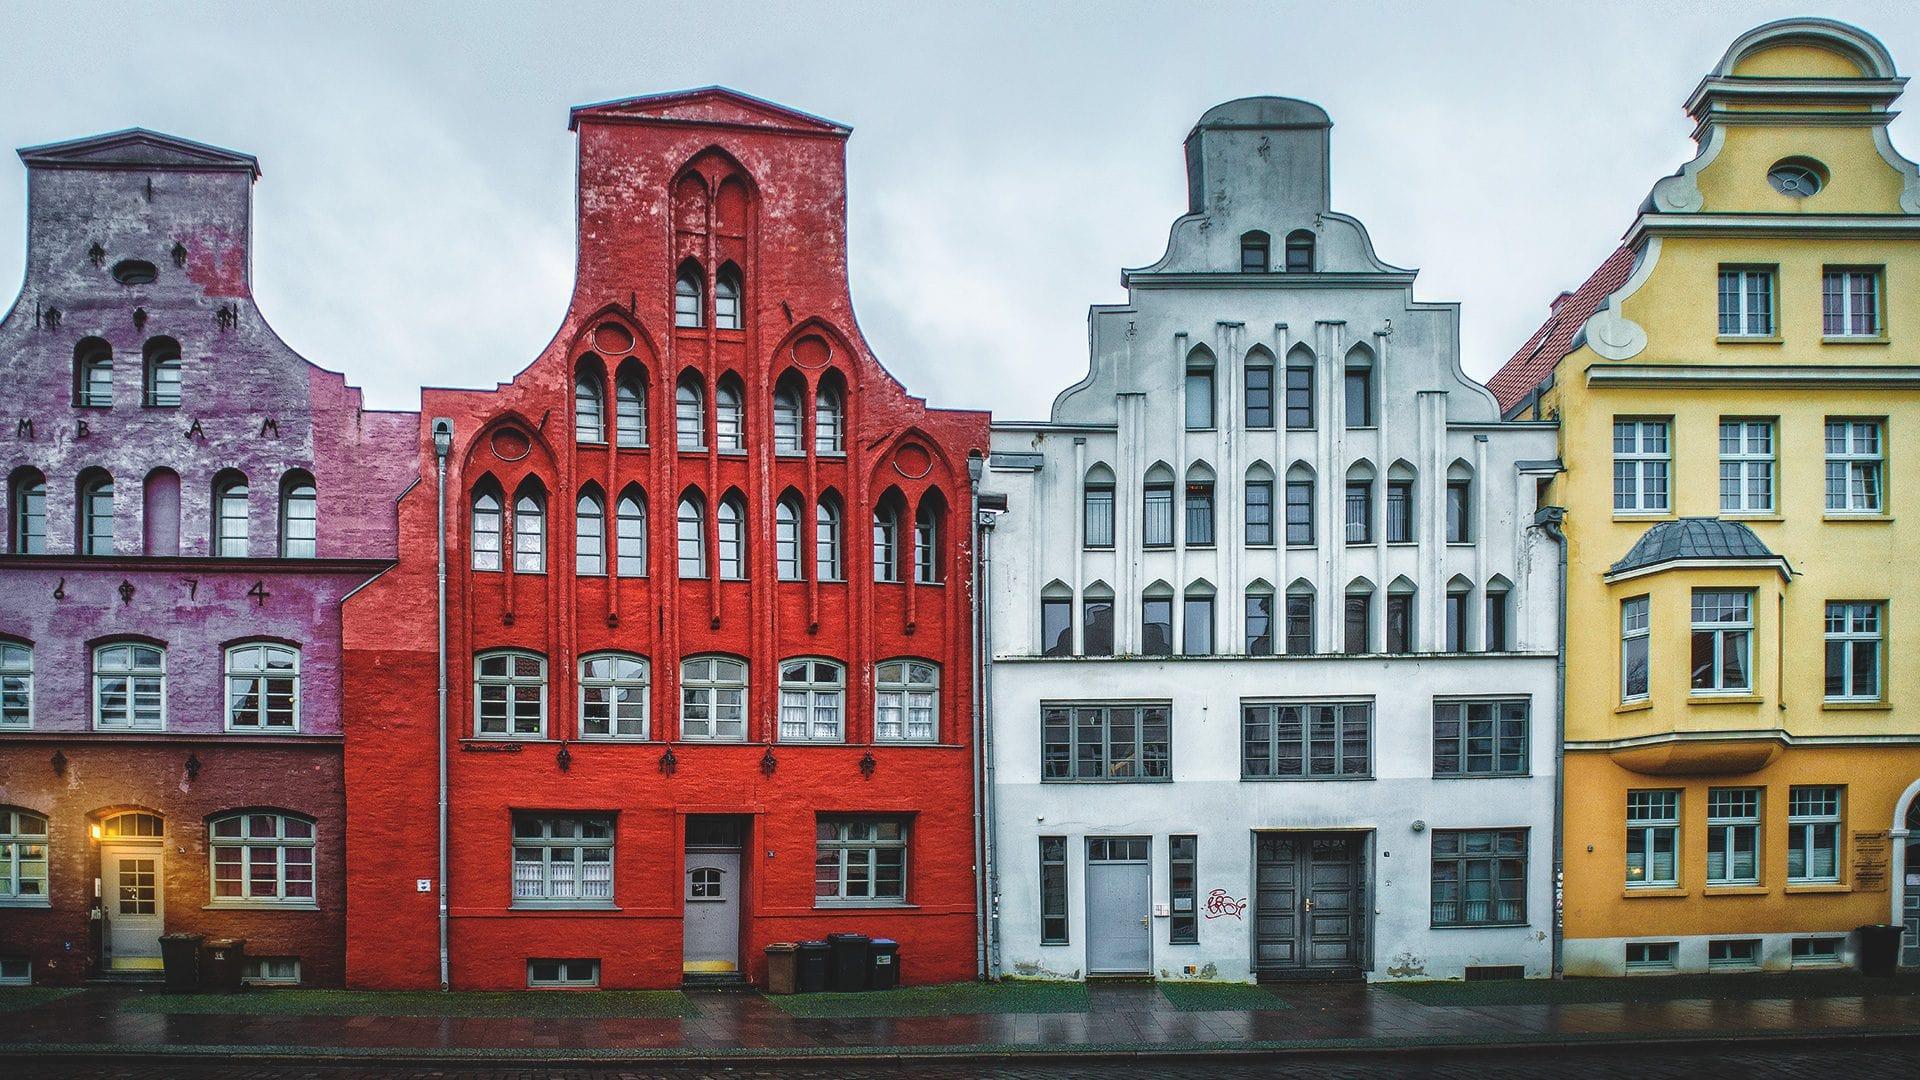 Qué ver en Wismar | Rojo Cangrejo Blog de Viajes